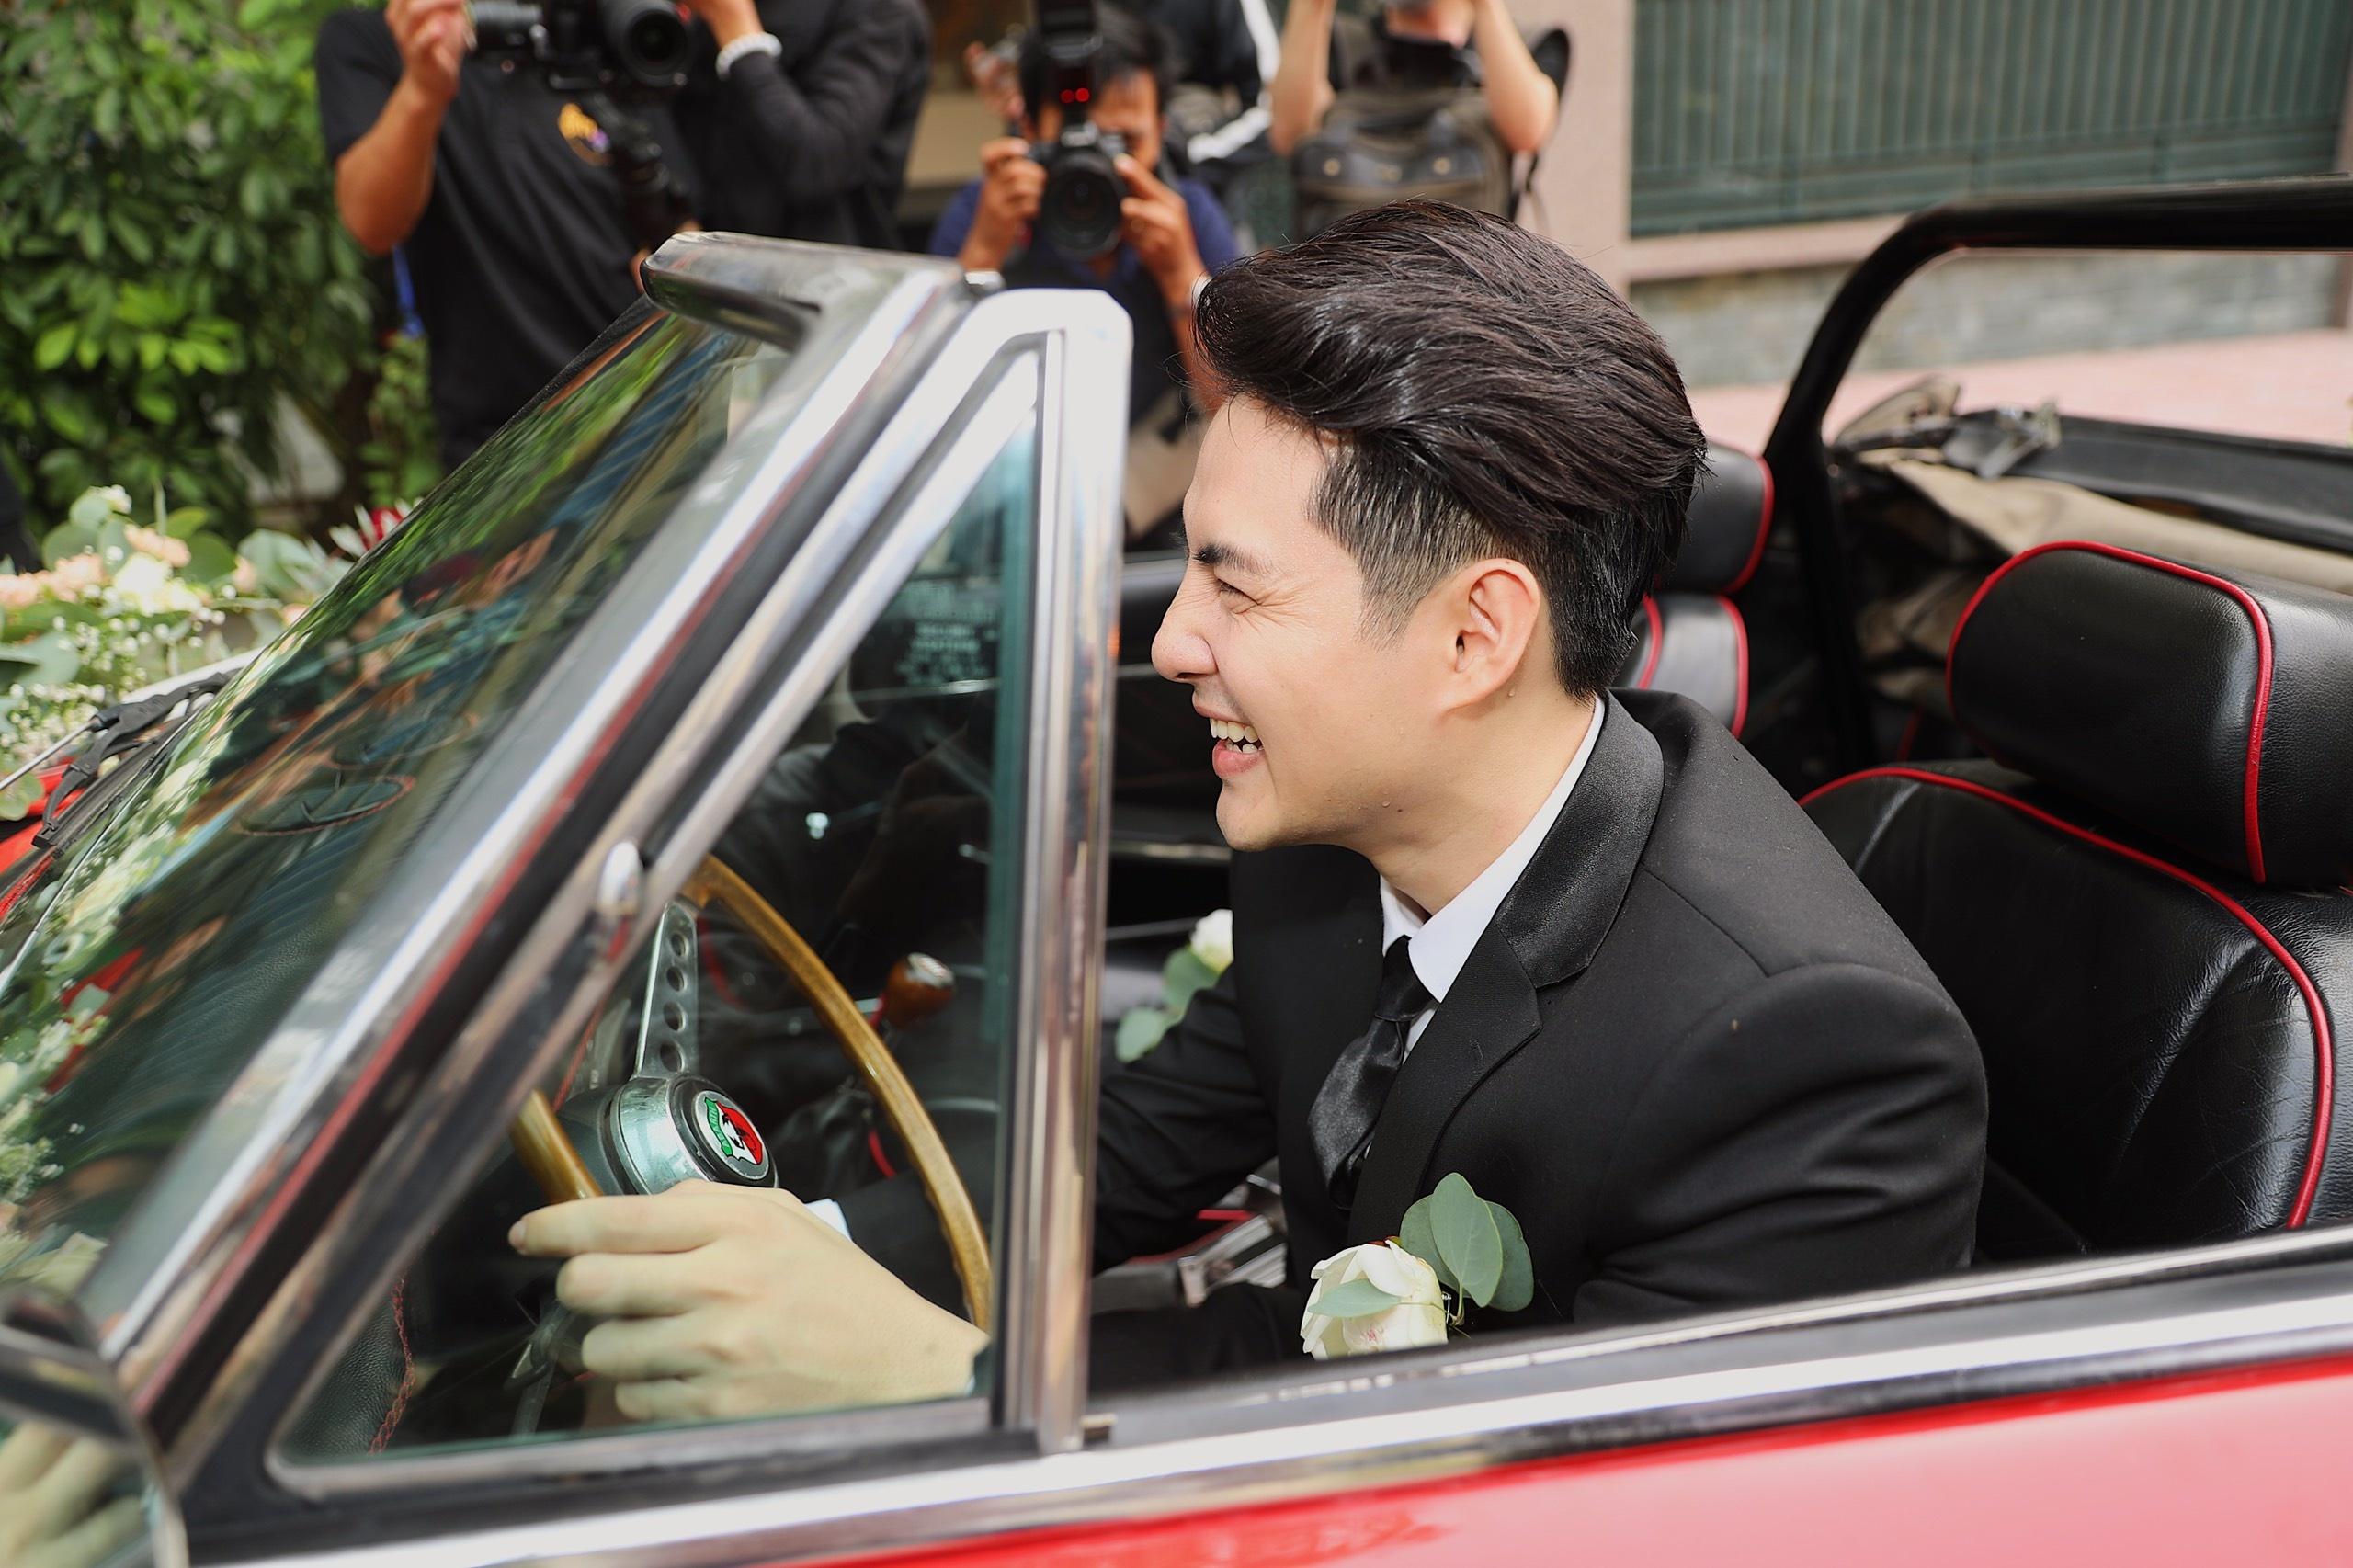 Le an hoi nao dong duong pho cua Dong Nhi - Ong Cao Thang hinh anh 37